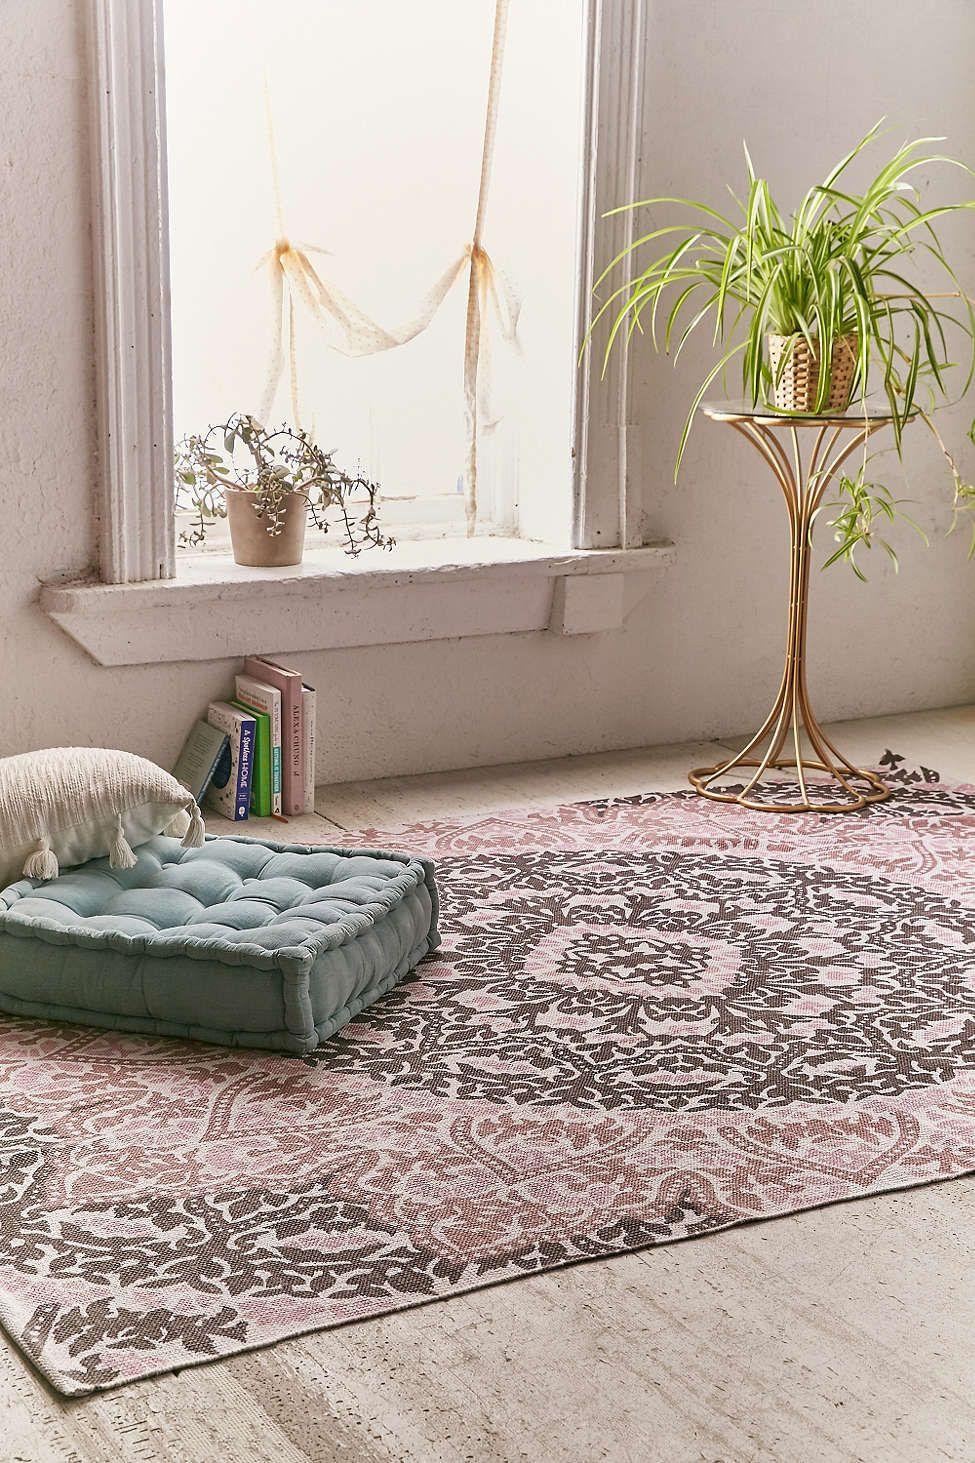 la méditation - méditer à la maison - plantes vertes